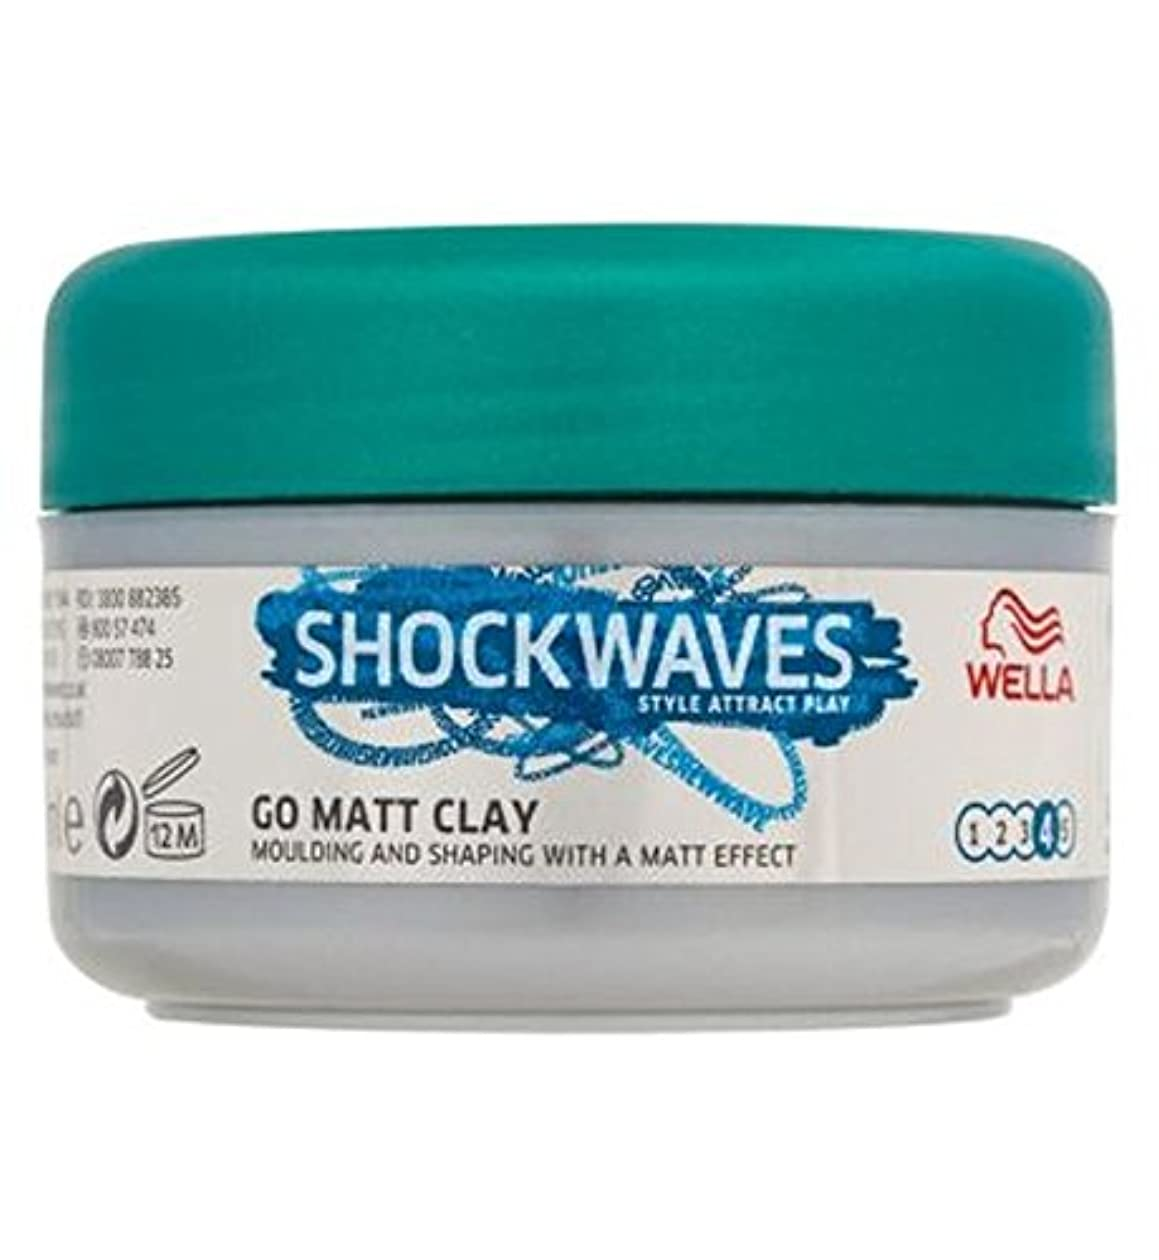 思いやりのある羊飼い予言するWella Shockwaves Extrovert Go Matt Clay 75ml - ウエラの衝撃波の外向性はマット粘土75ミリリットルを行きます (Wella Shockwaves) [並行輸入品]